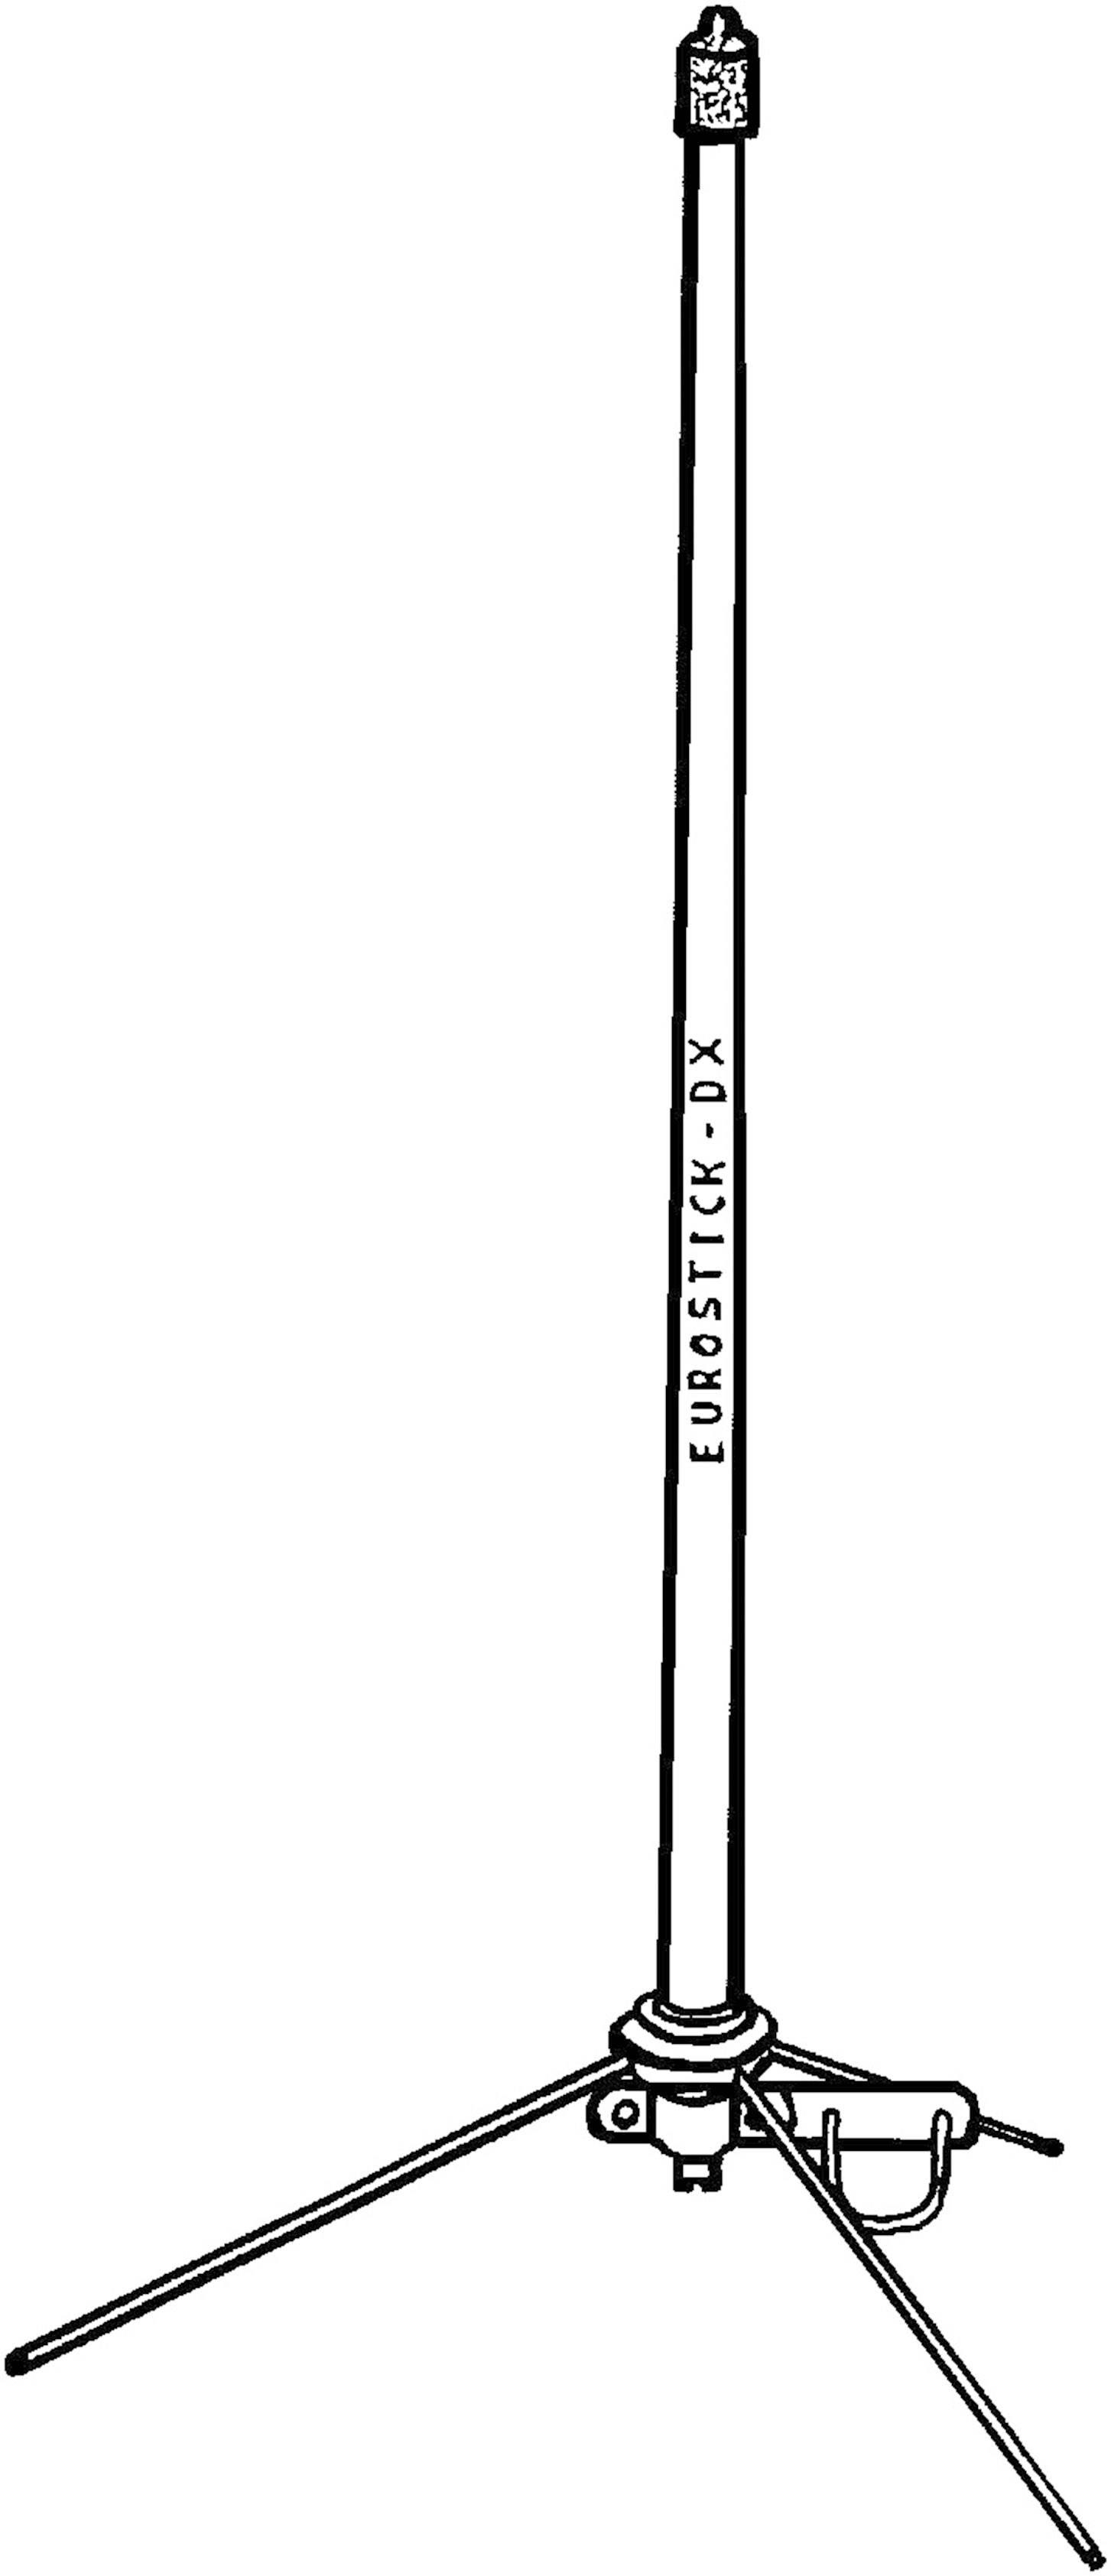 Rádiová stacionární anténa Eurostick DX